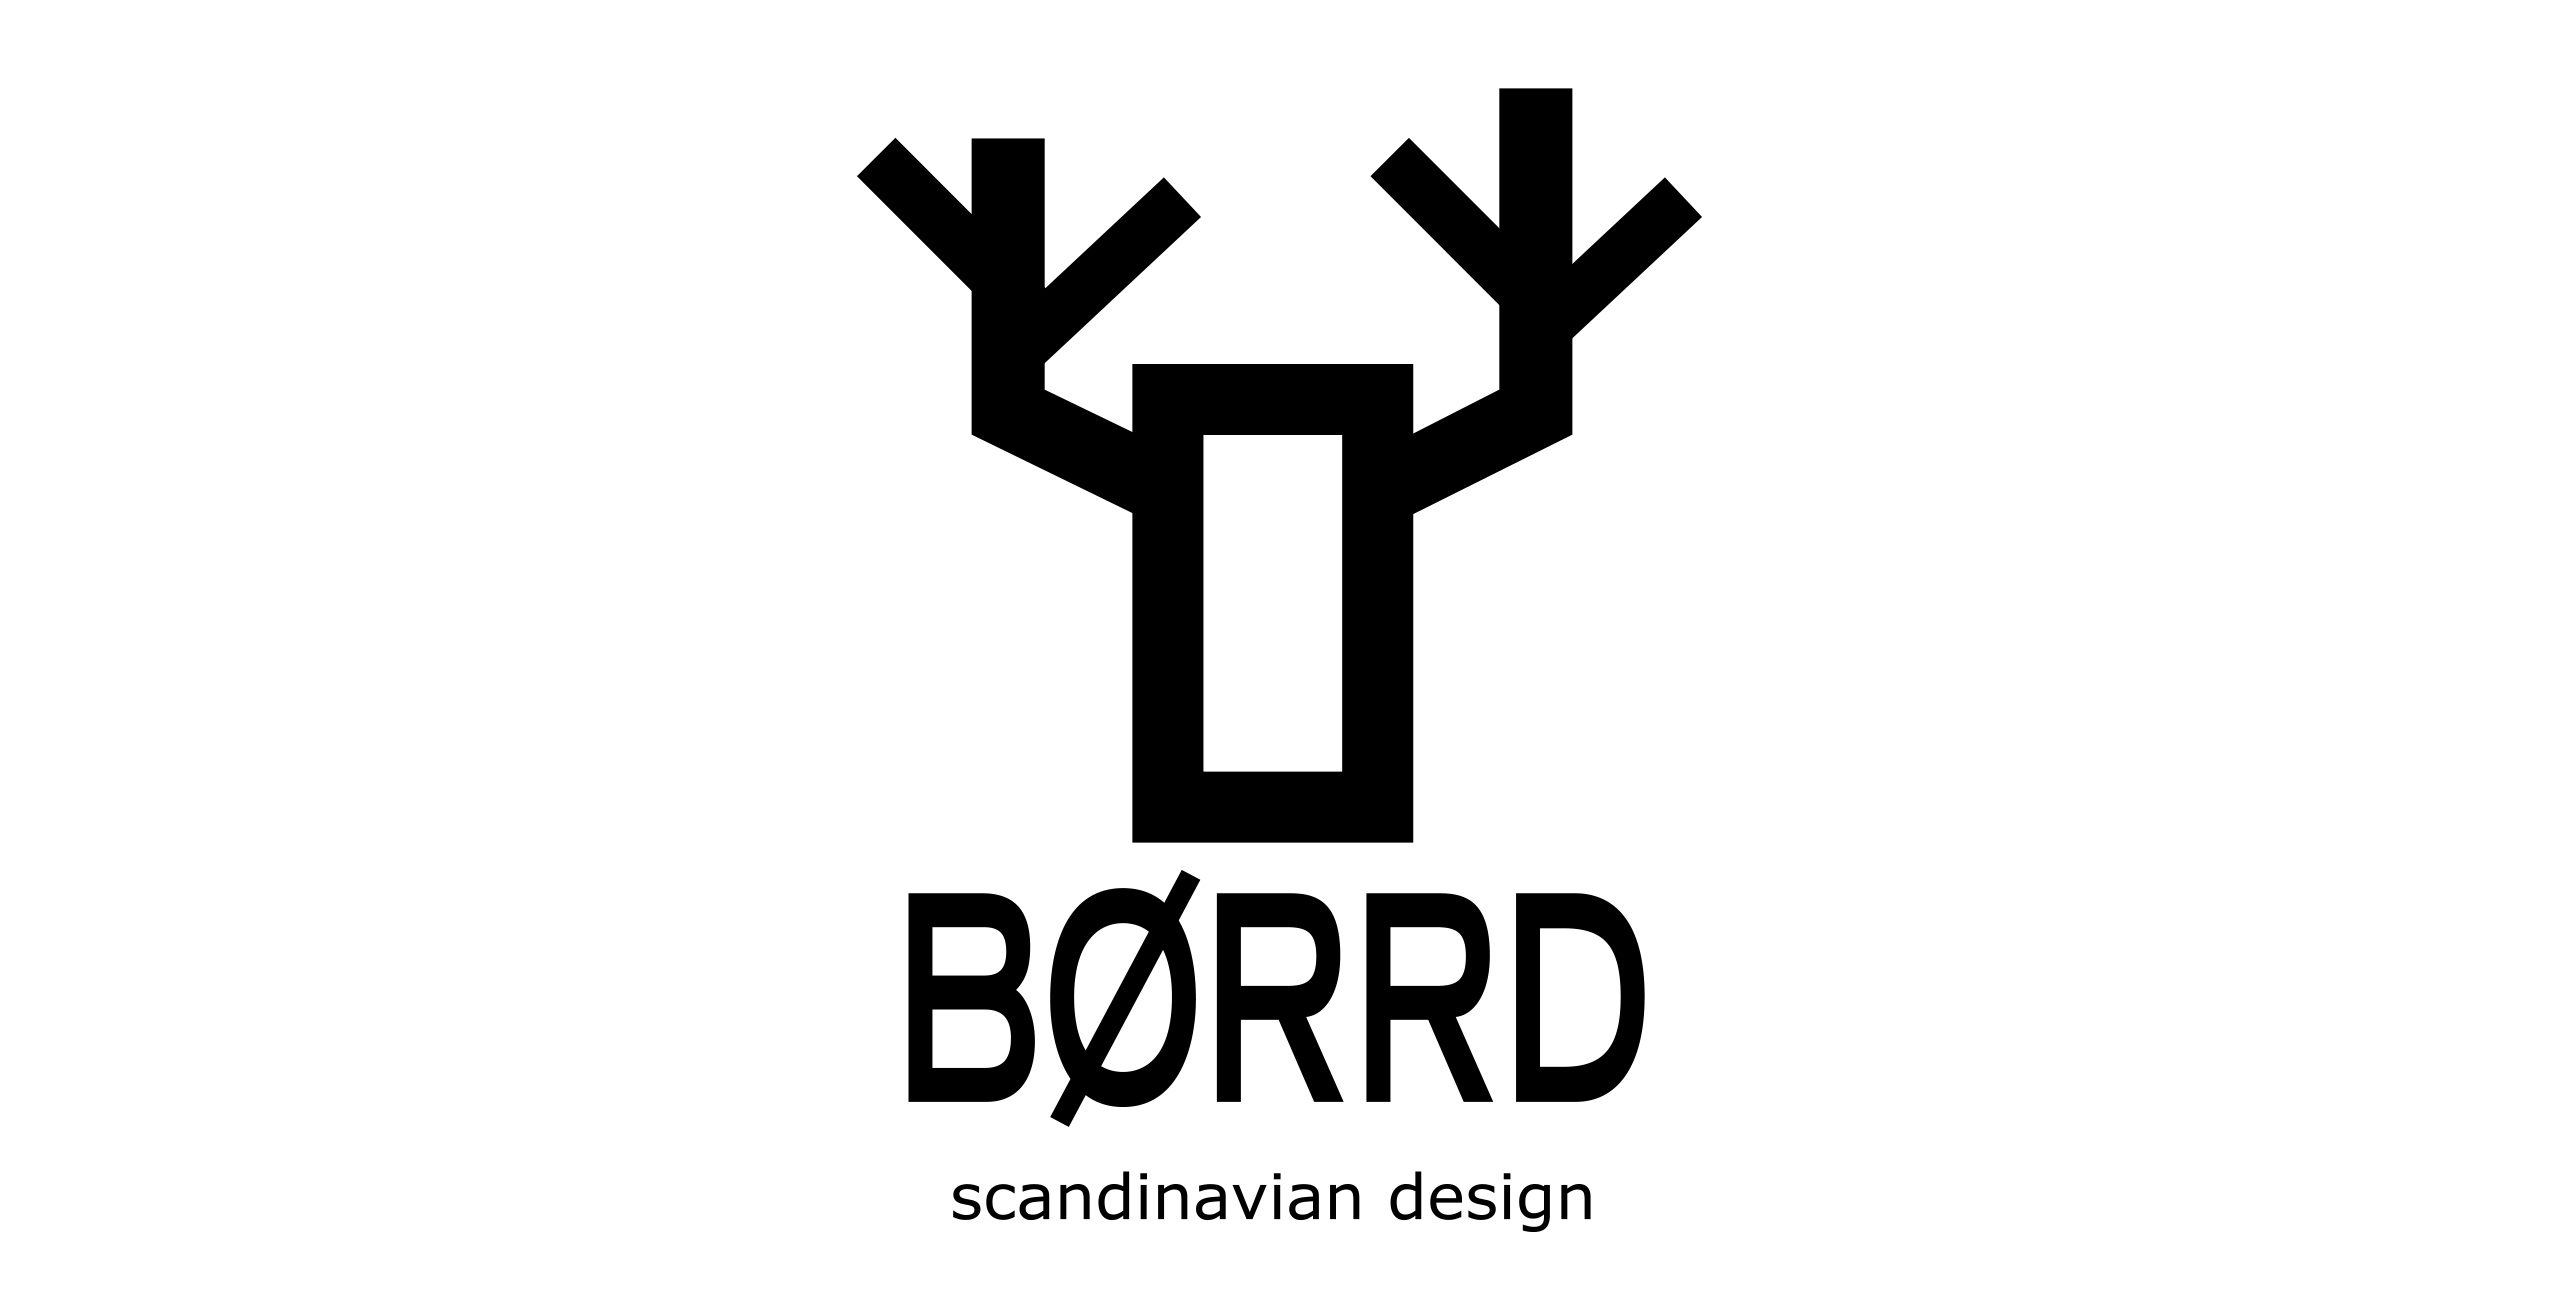 LR_bjord-logos-2560x1500